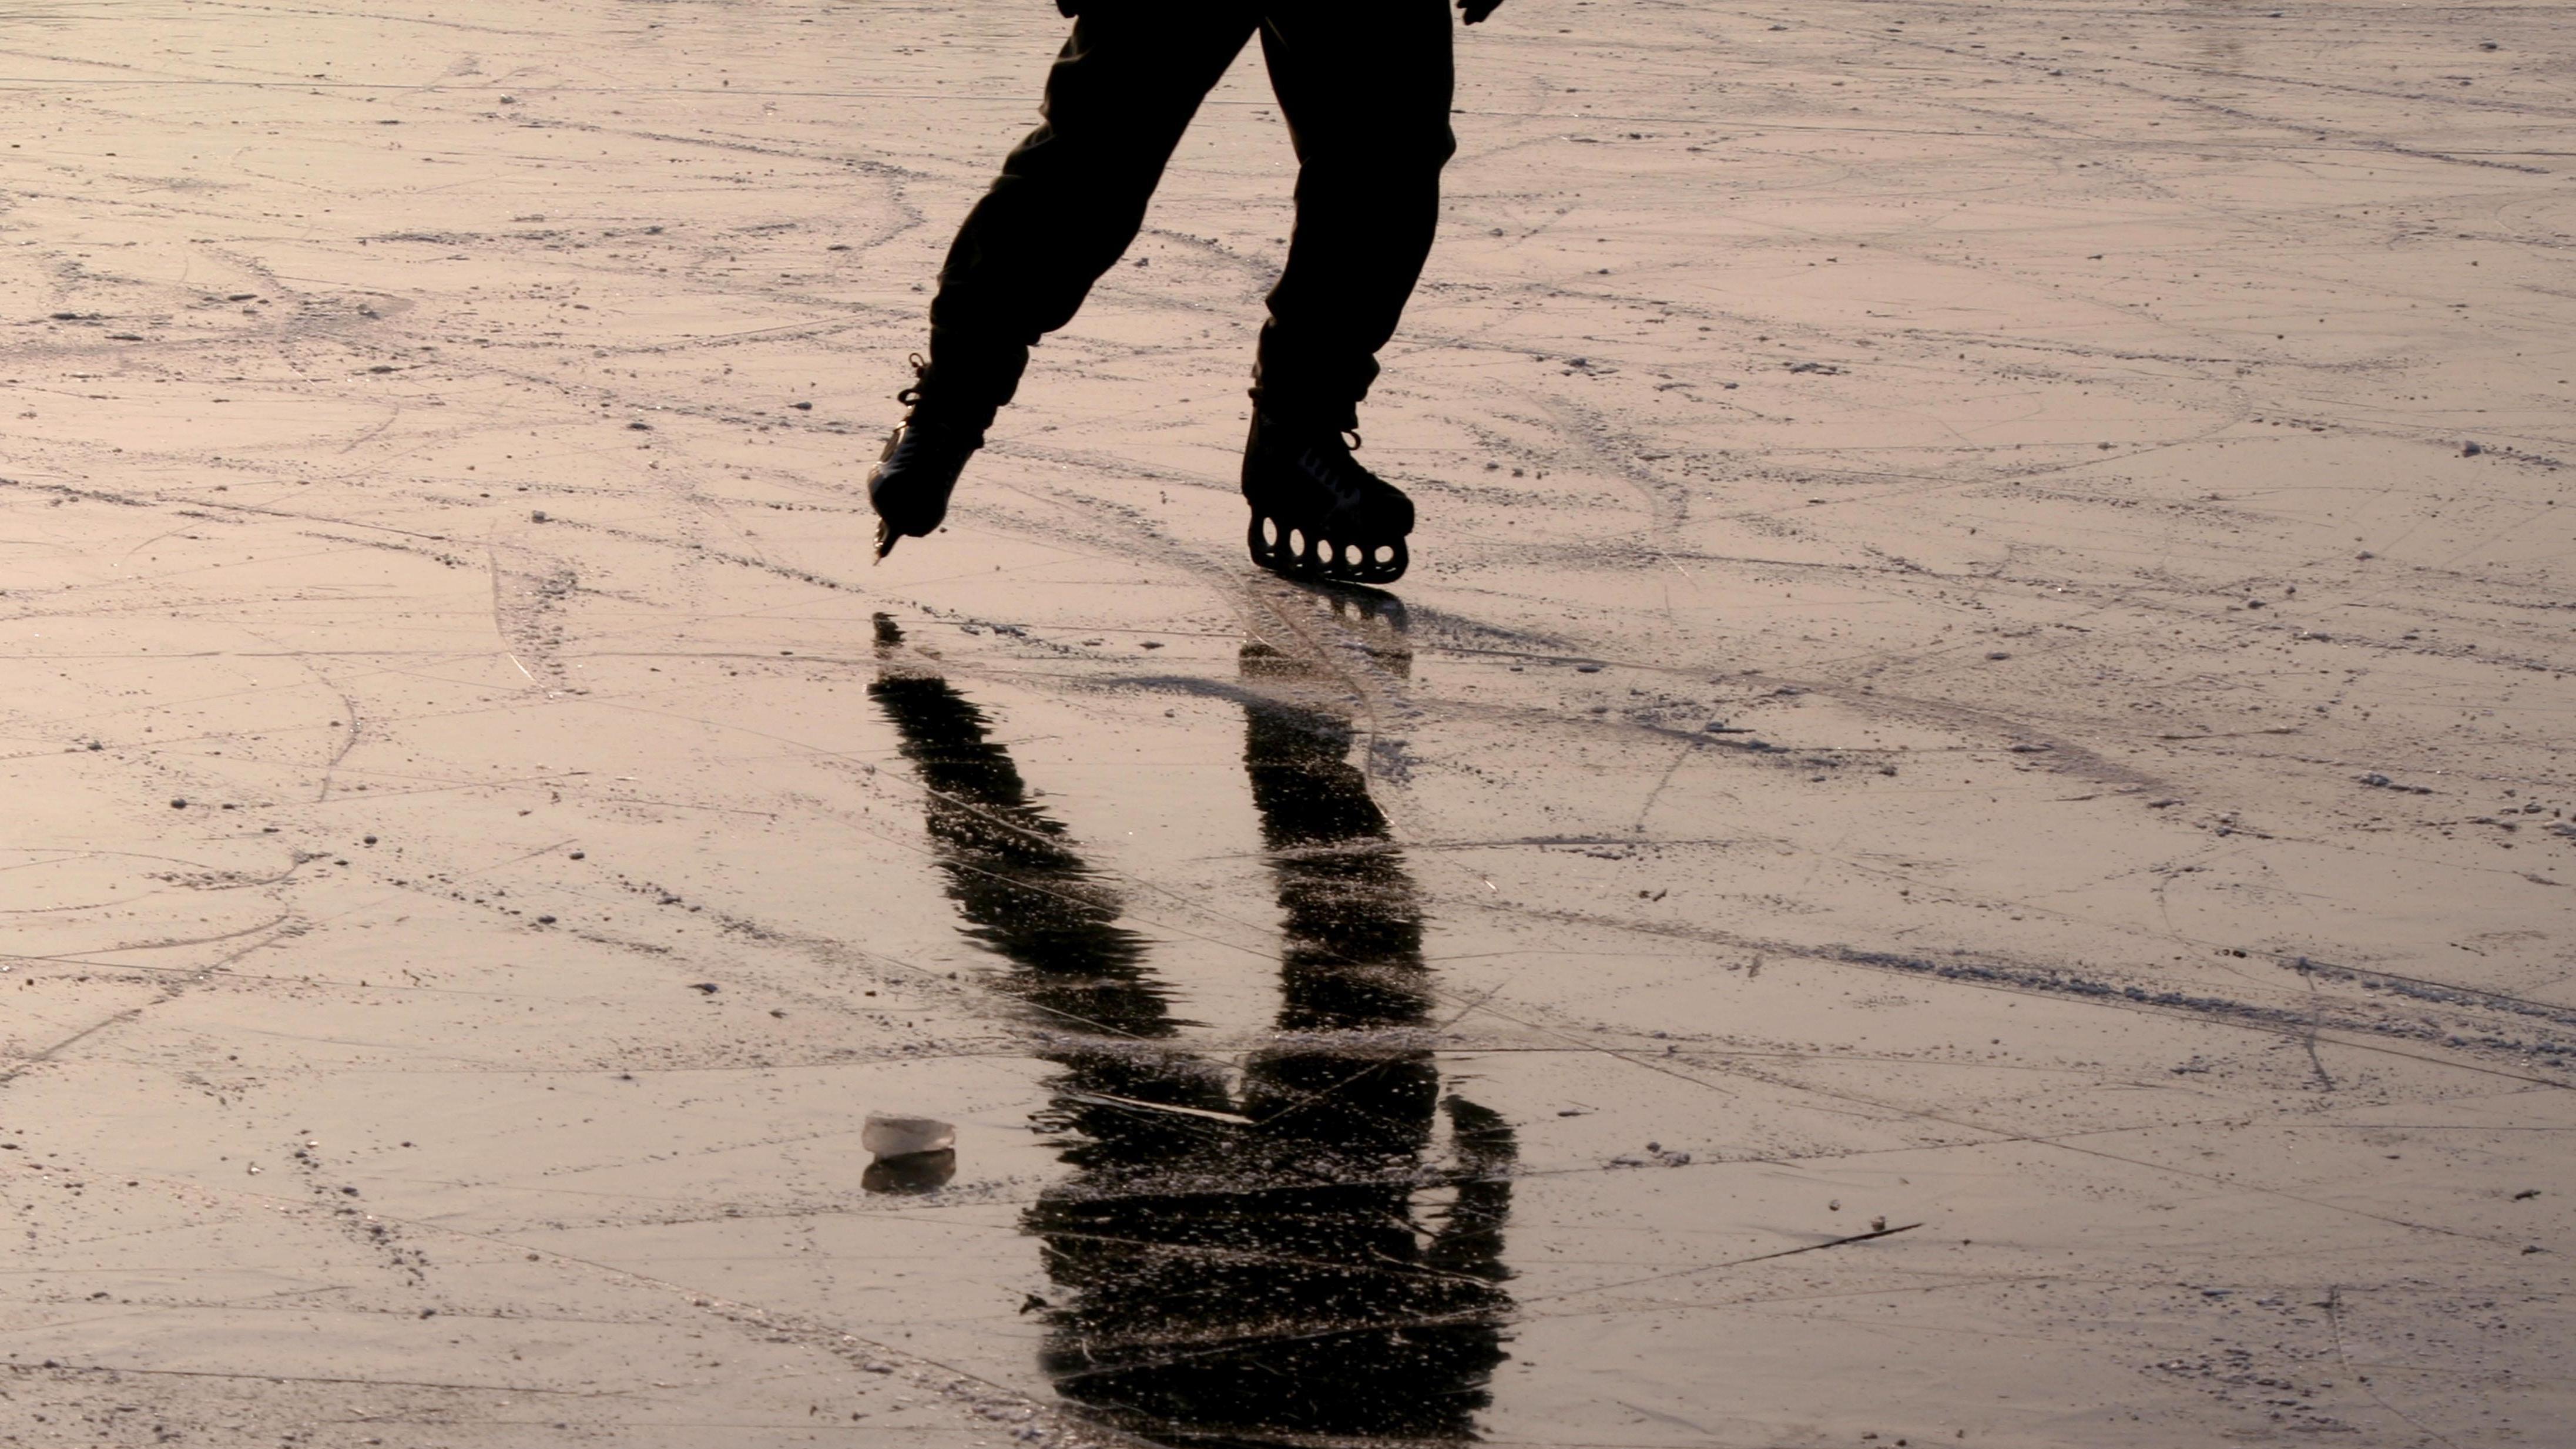 Schlittschuhläufer auf dem Eis